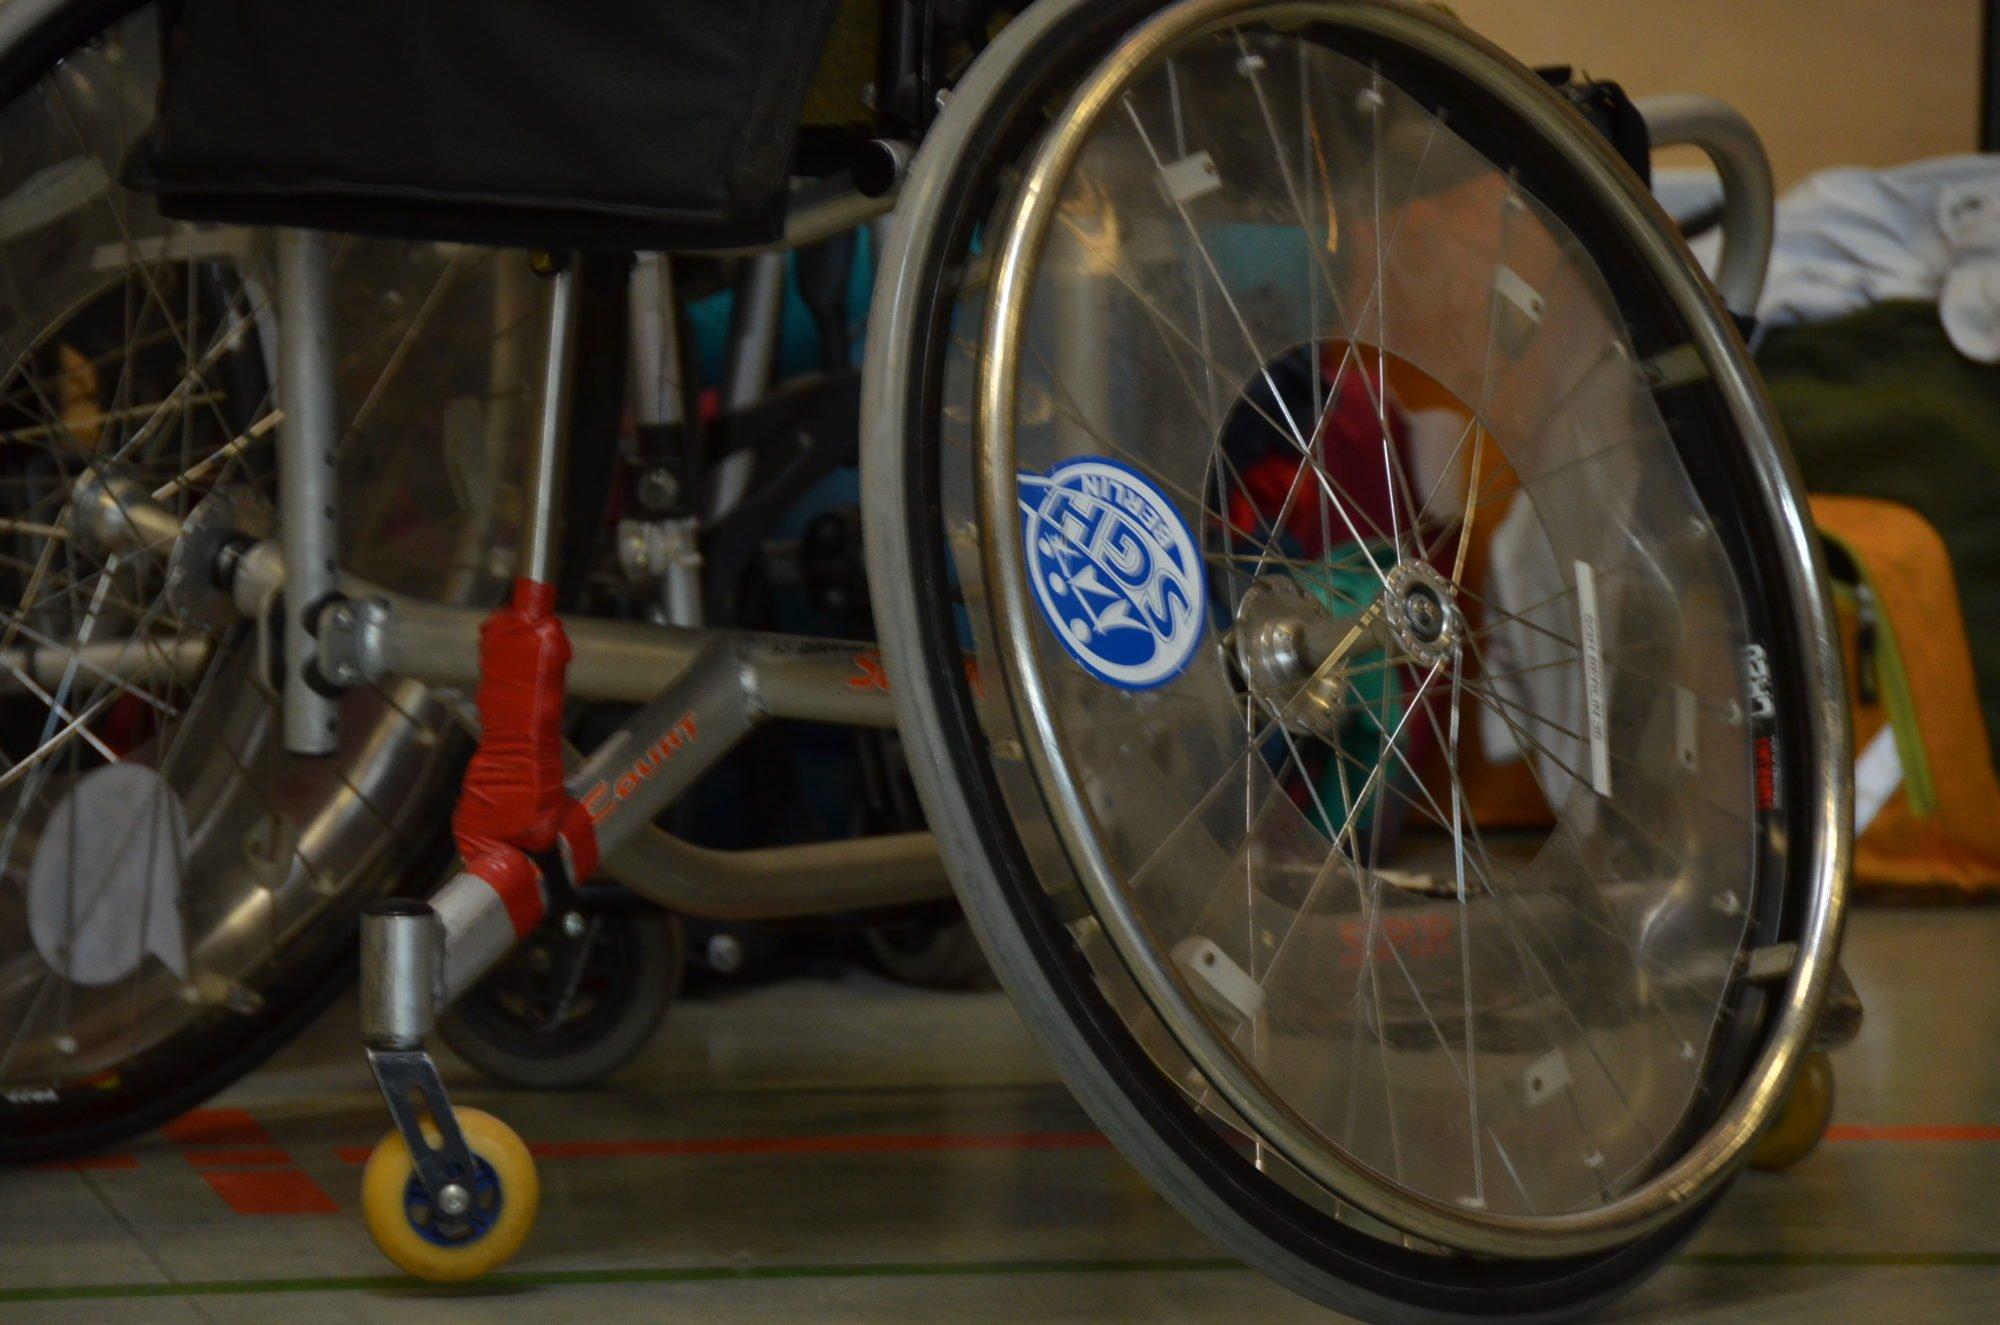 Nahaufnahme eines Rollstuhl-Rades mit SGH Aufkleber.